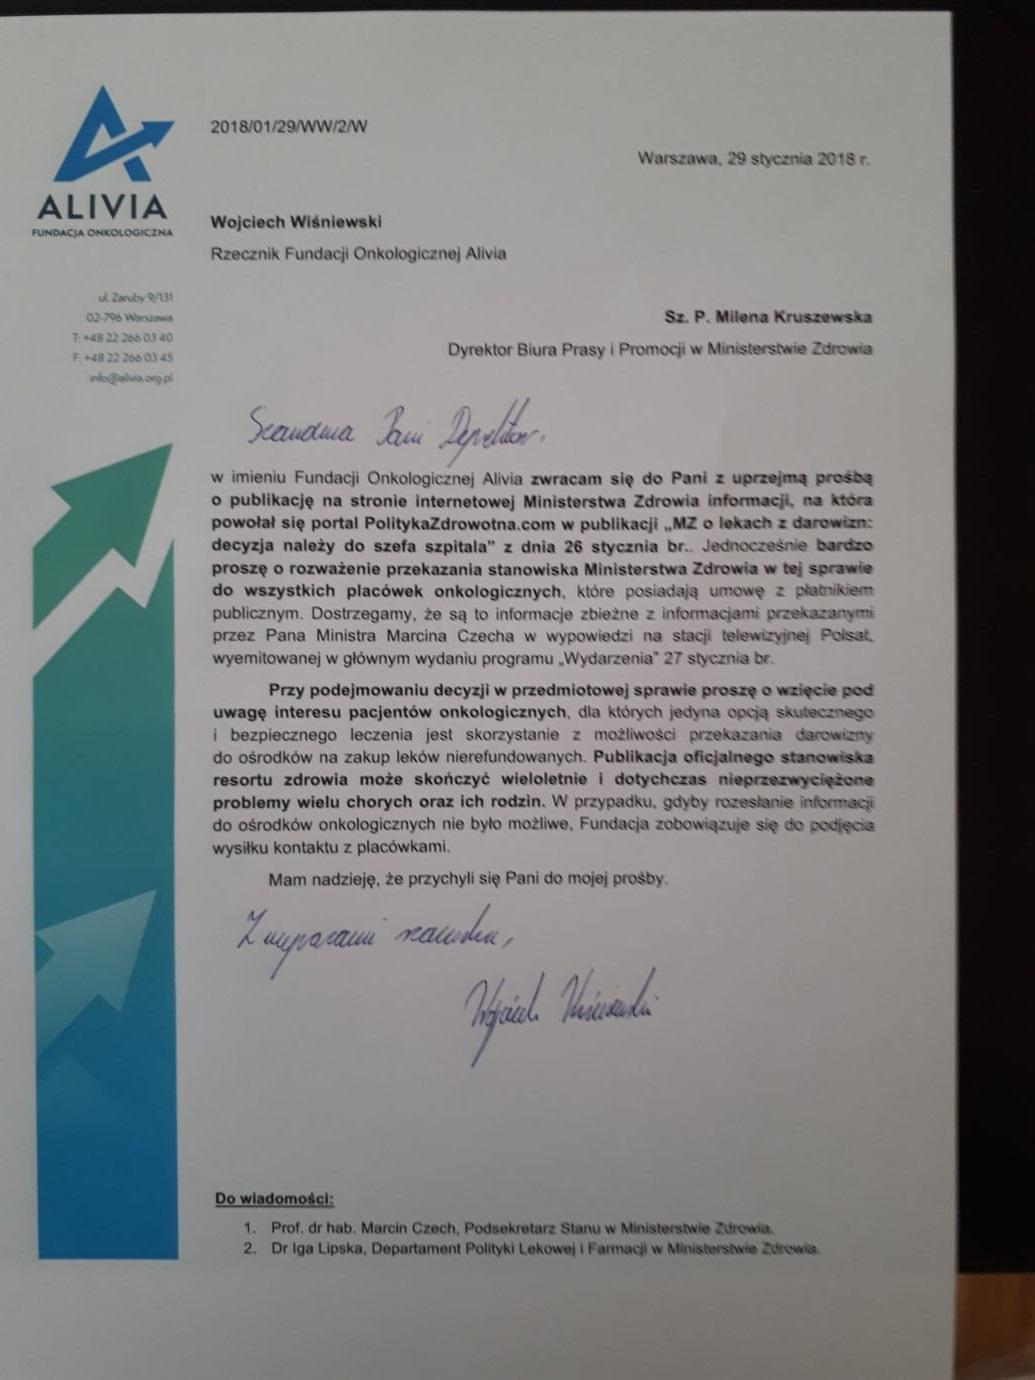 pismo od fundacji alivia